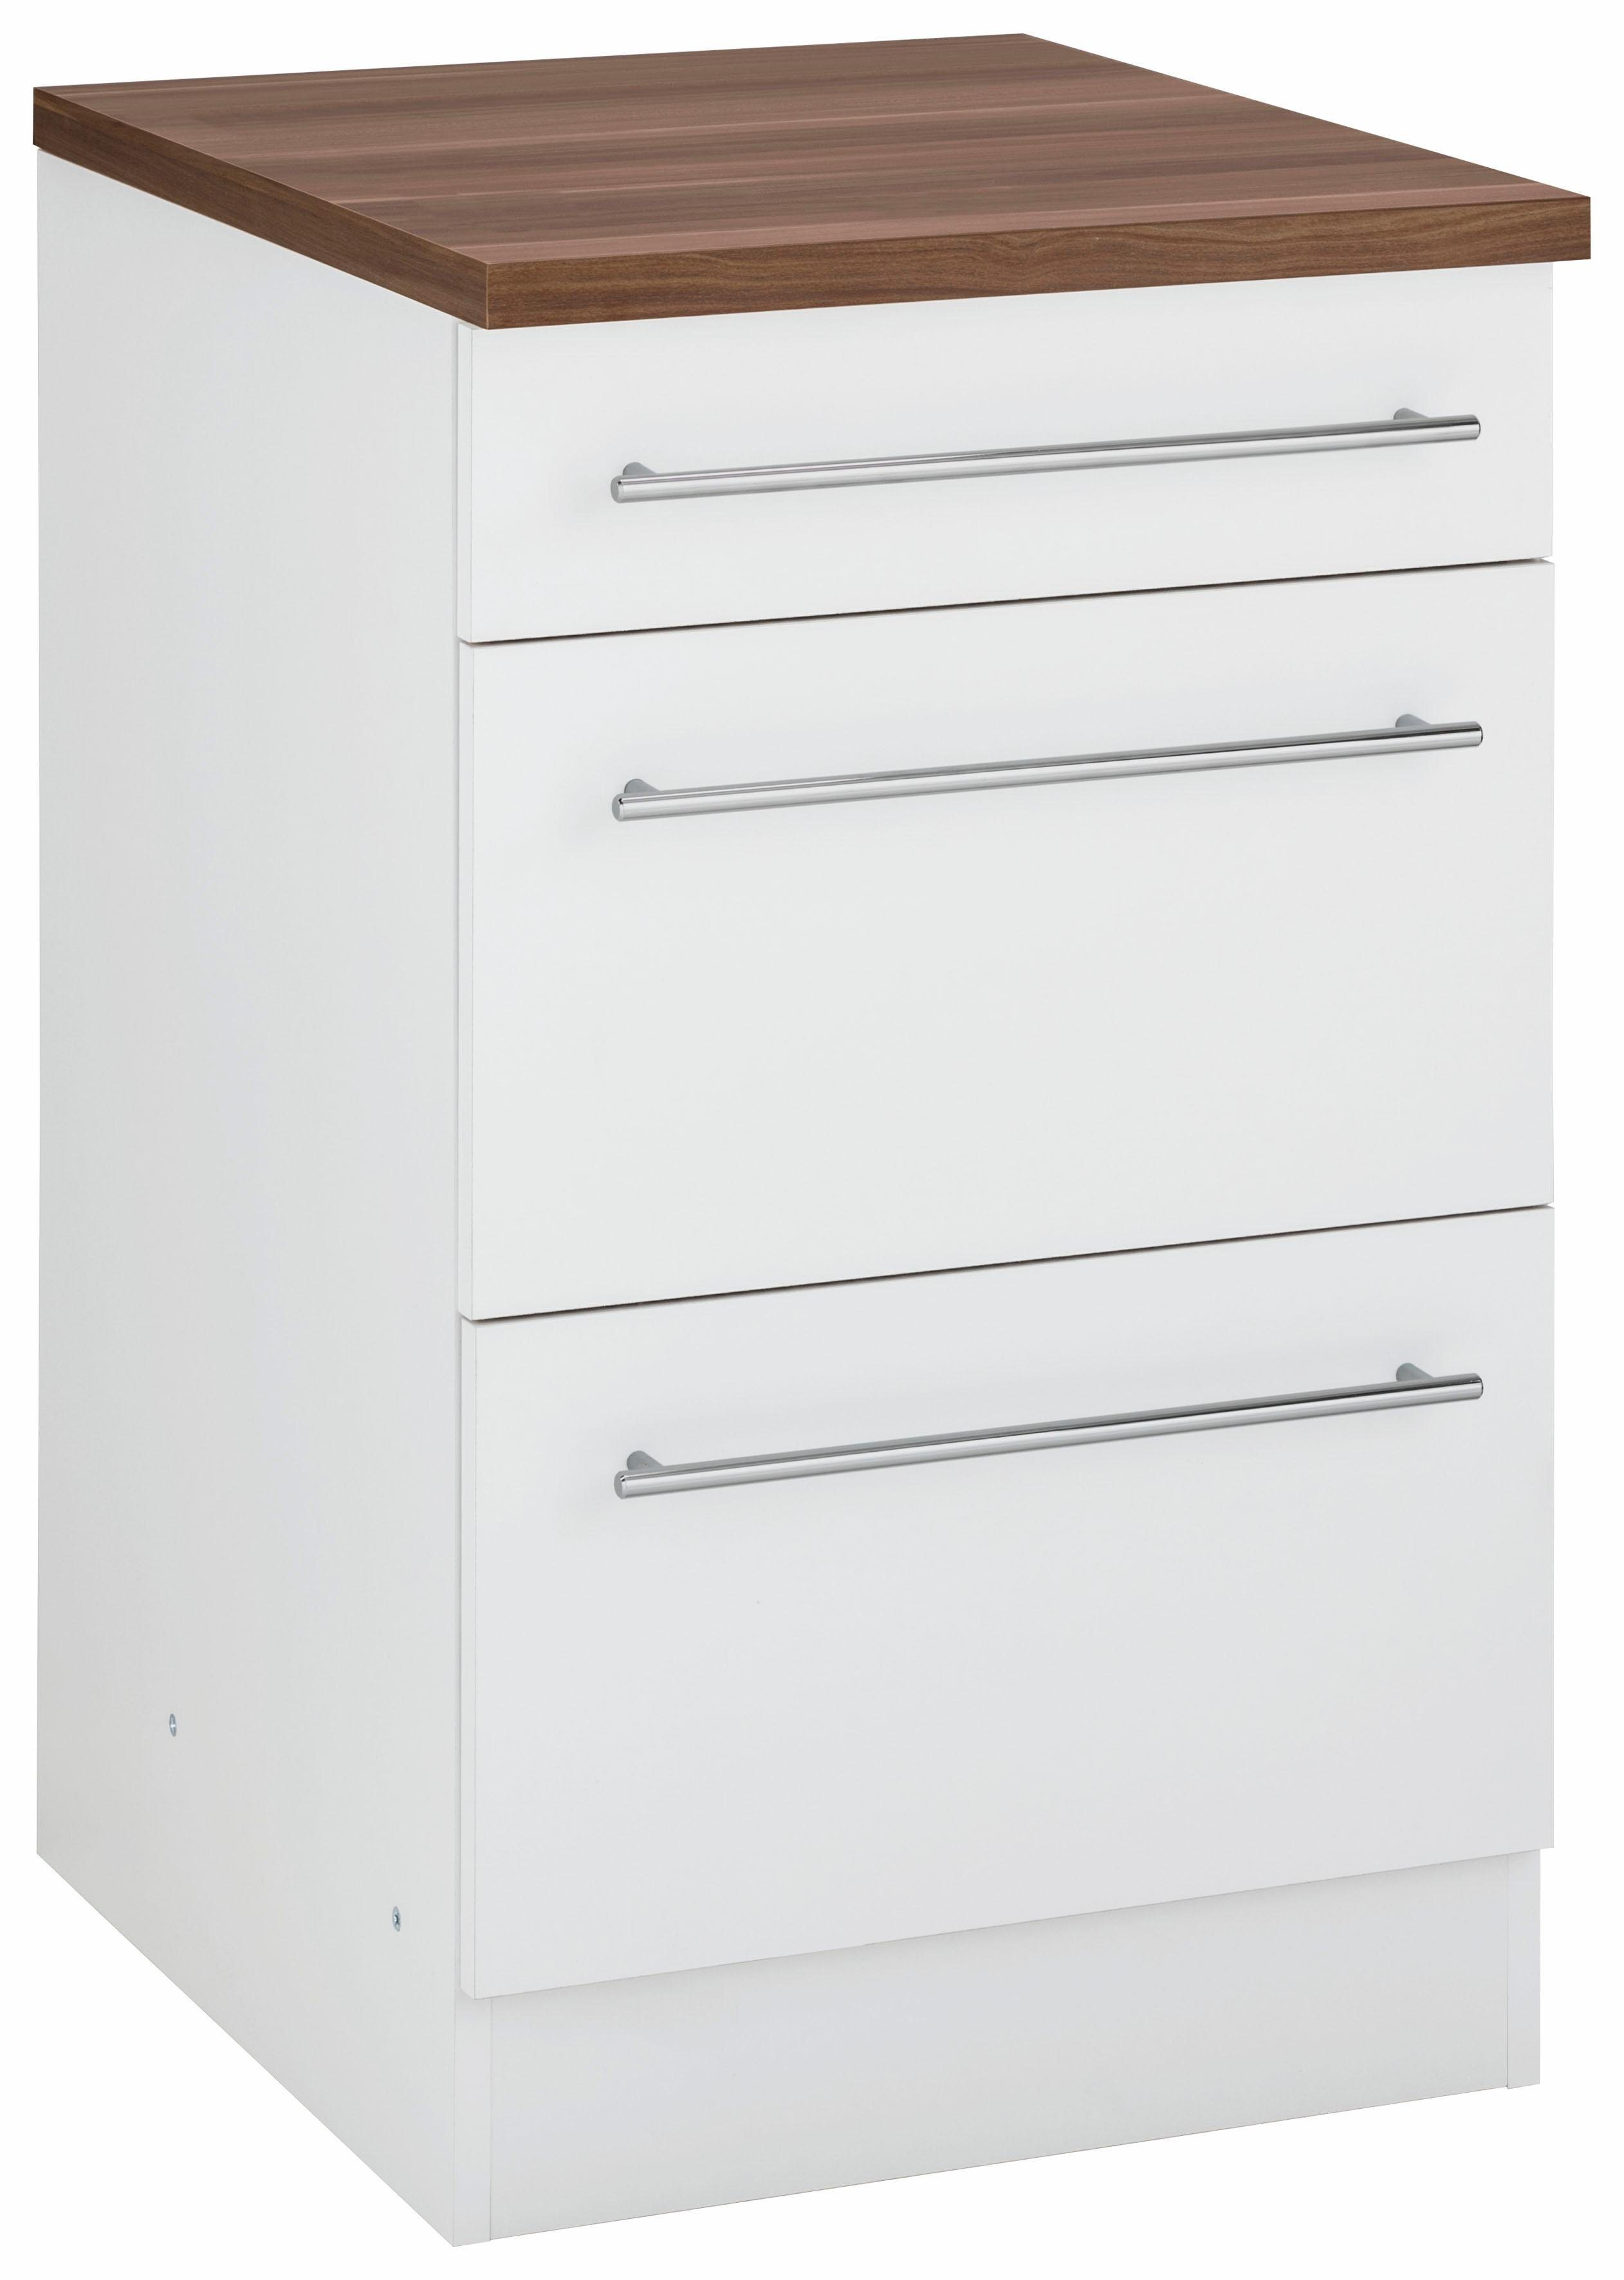 schwarz-hochglanz Küchen-Unterschränke online kaufen | Möbel ...